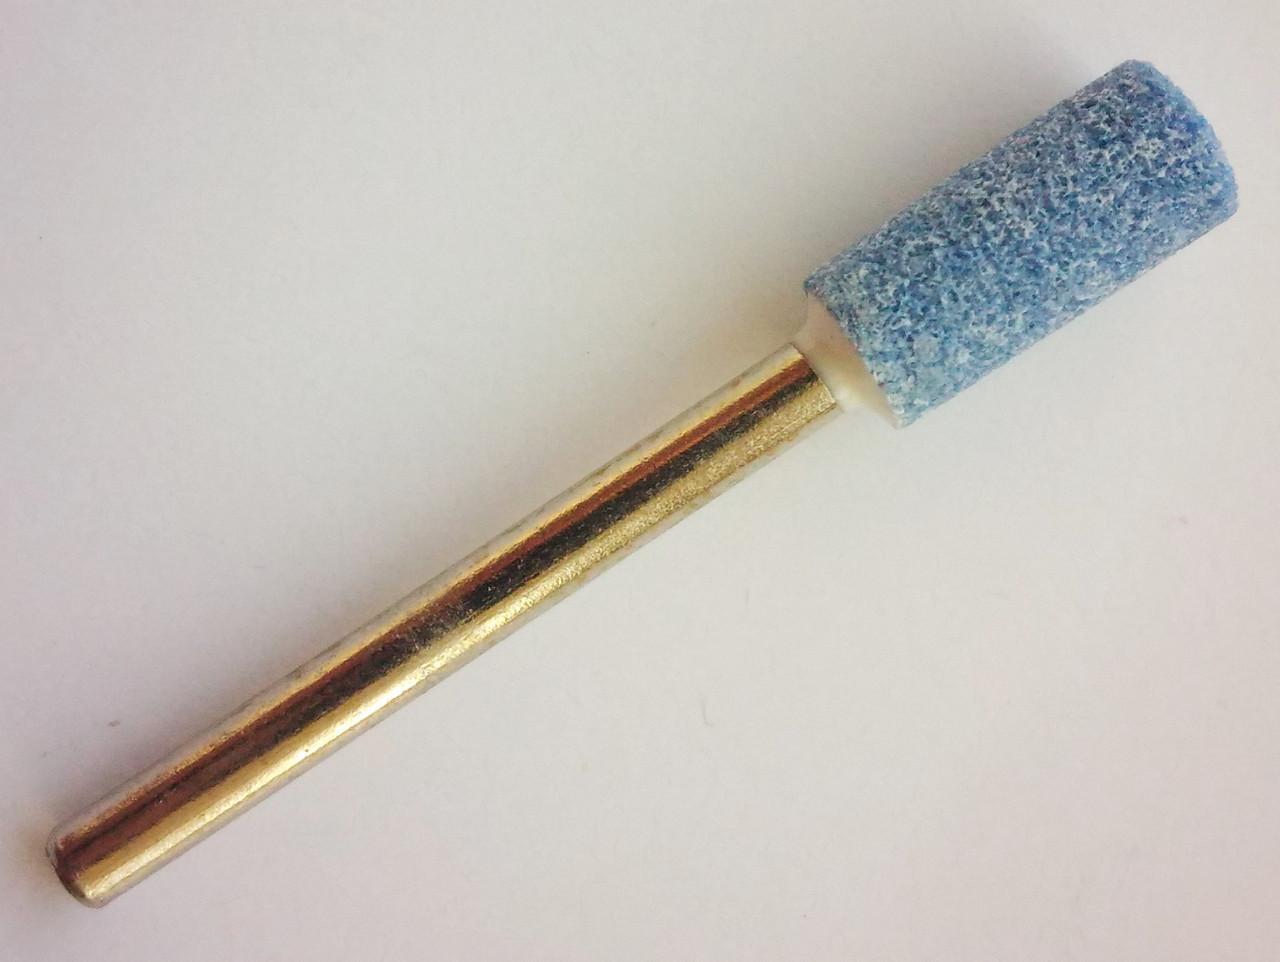 Шлифовальная насадка - цилиндр 5 мм, Материал - карбид кремния. Абразивная шарошка